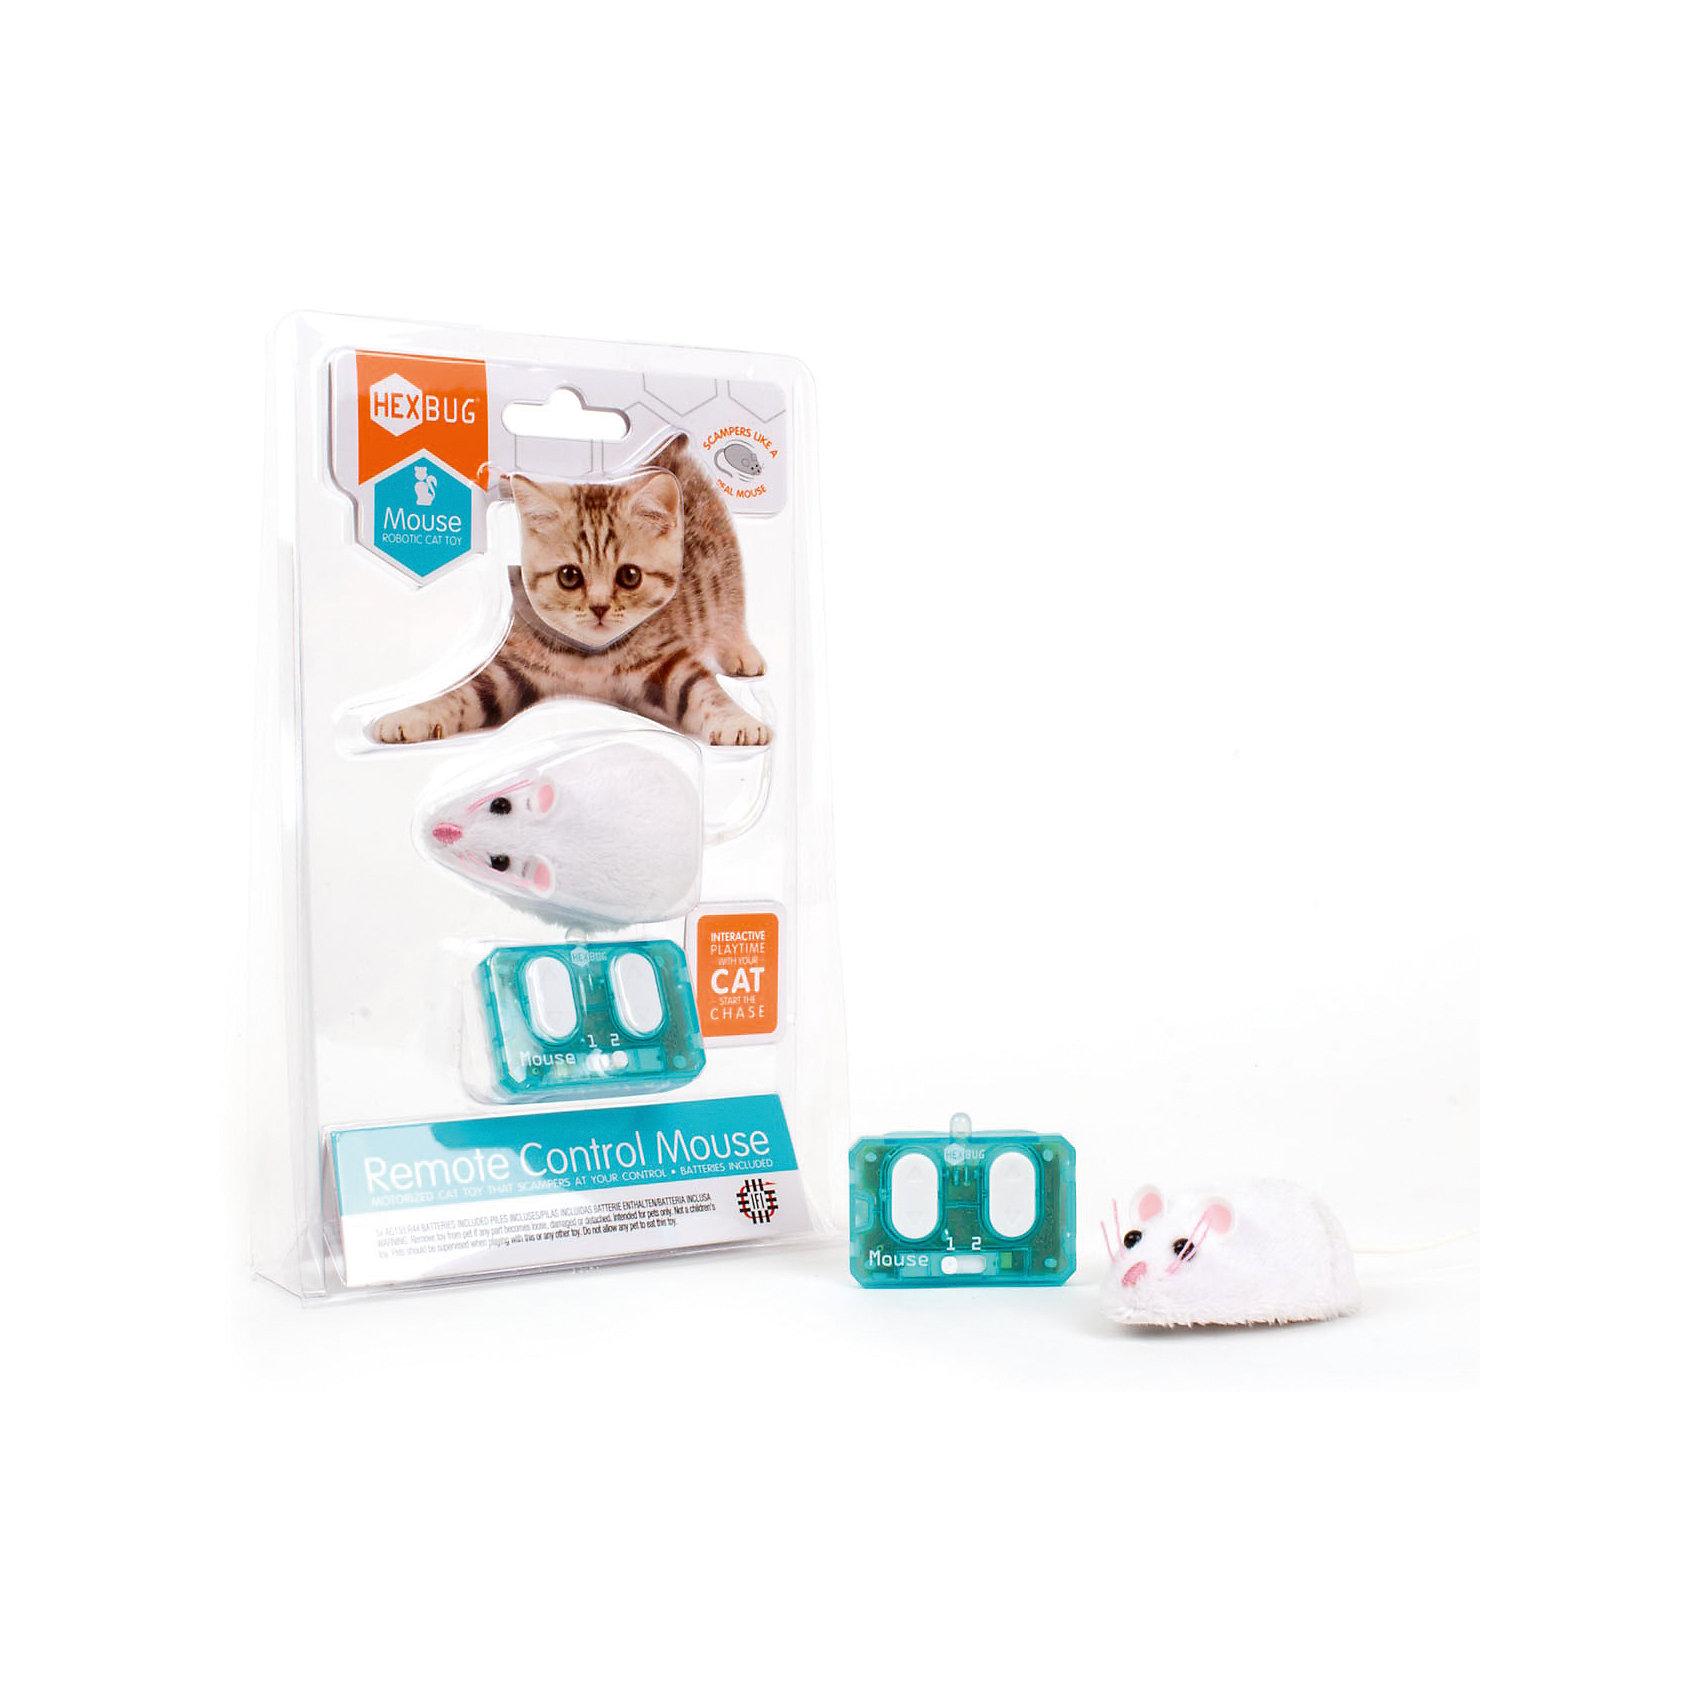 Микро-робот Mouse Cat Toy на радиоуправлении, HexbugИнтерактивные игрушки для малышей<br>Микро-робот Mouse Cat Toy на радиоуправлении, Hexbug (Хексбаг)<br><br>Характеристики:<br><br>• устойчив к механическим повреждениям<br>• управление пультом<br>• 2 канала<br>• материал: пластик, металл, искусственная шерсть<br>• батарейки: LR44 - 2 Шт.<br>• размер упаковки: 22х13х3 см<br>• вес: 80 грамм<br><br>Mouse Cat Toy - микро-робот для игр с домашними питомцами. Робот выполнен в виде маленькой мышки с хвостиком, ушками и глазками, похожими на настоящие. Мышка очень быстро и реалистично двигается, чтобы ваш питомец не заскучал. Вы можете управлять роботом при помощи пульта управления. Мышь устойчива к таким механическим повреждениям как царапины и удары лапой.<br><br>Микро-робота Mouse Cat Toy на радиоуправлении, Hexbug (Хексбаг) вы можете купить в нашем интернет-магазине.<br><br>Ширина мм: 9999<br>Глубина мм: 9999<br>Высота мм: 9999<br>Вес г: 9999<br>Возраст от месяцев: 36<br>Возраст до месяцев: 2147483647<br>Пол: Унисекс<br>Возраст: Детский<br>SKU: 5506930